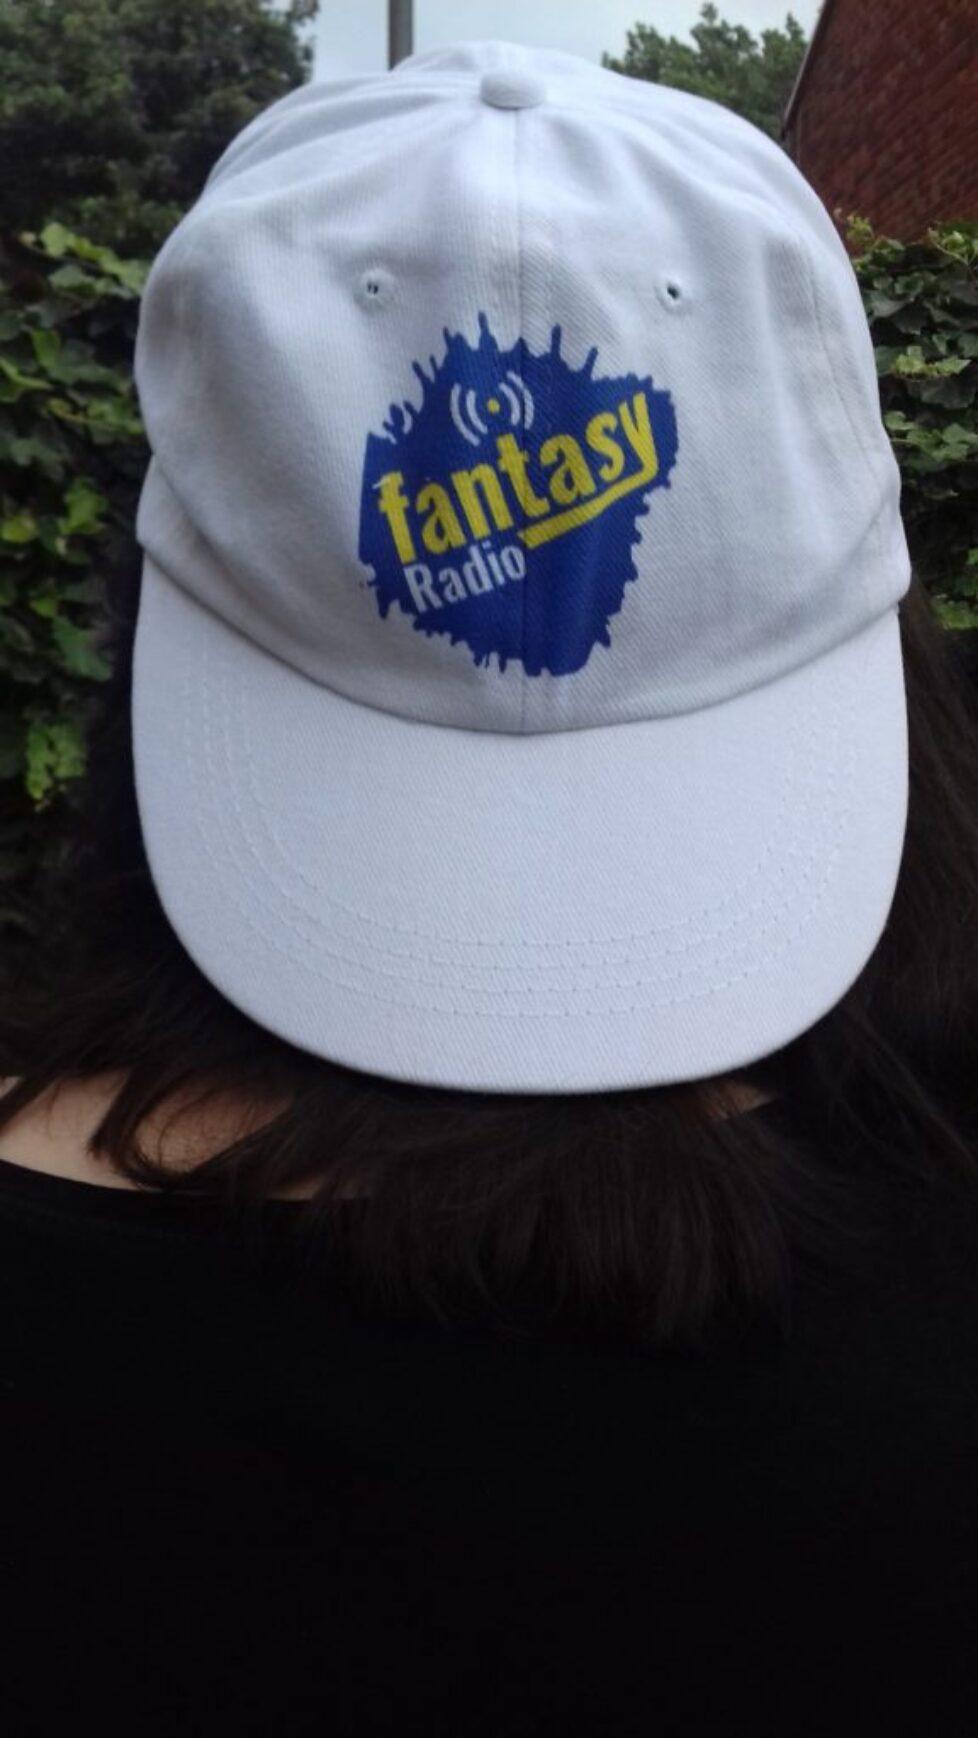 Suzy P exclusive to Fantasy Radio